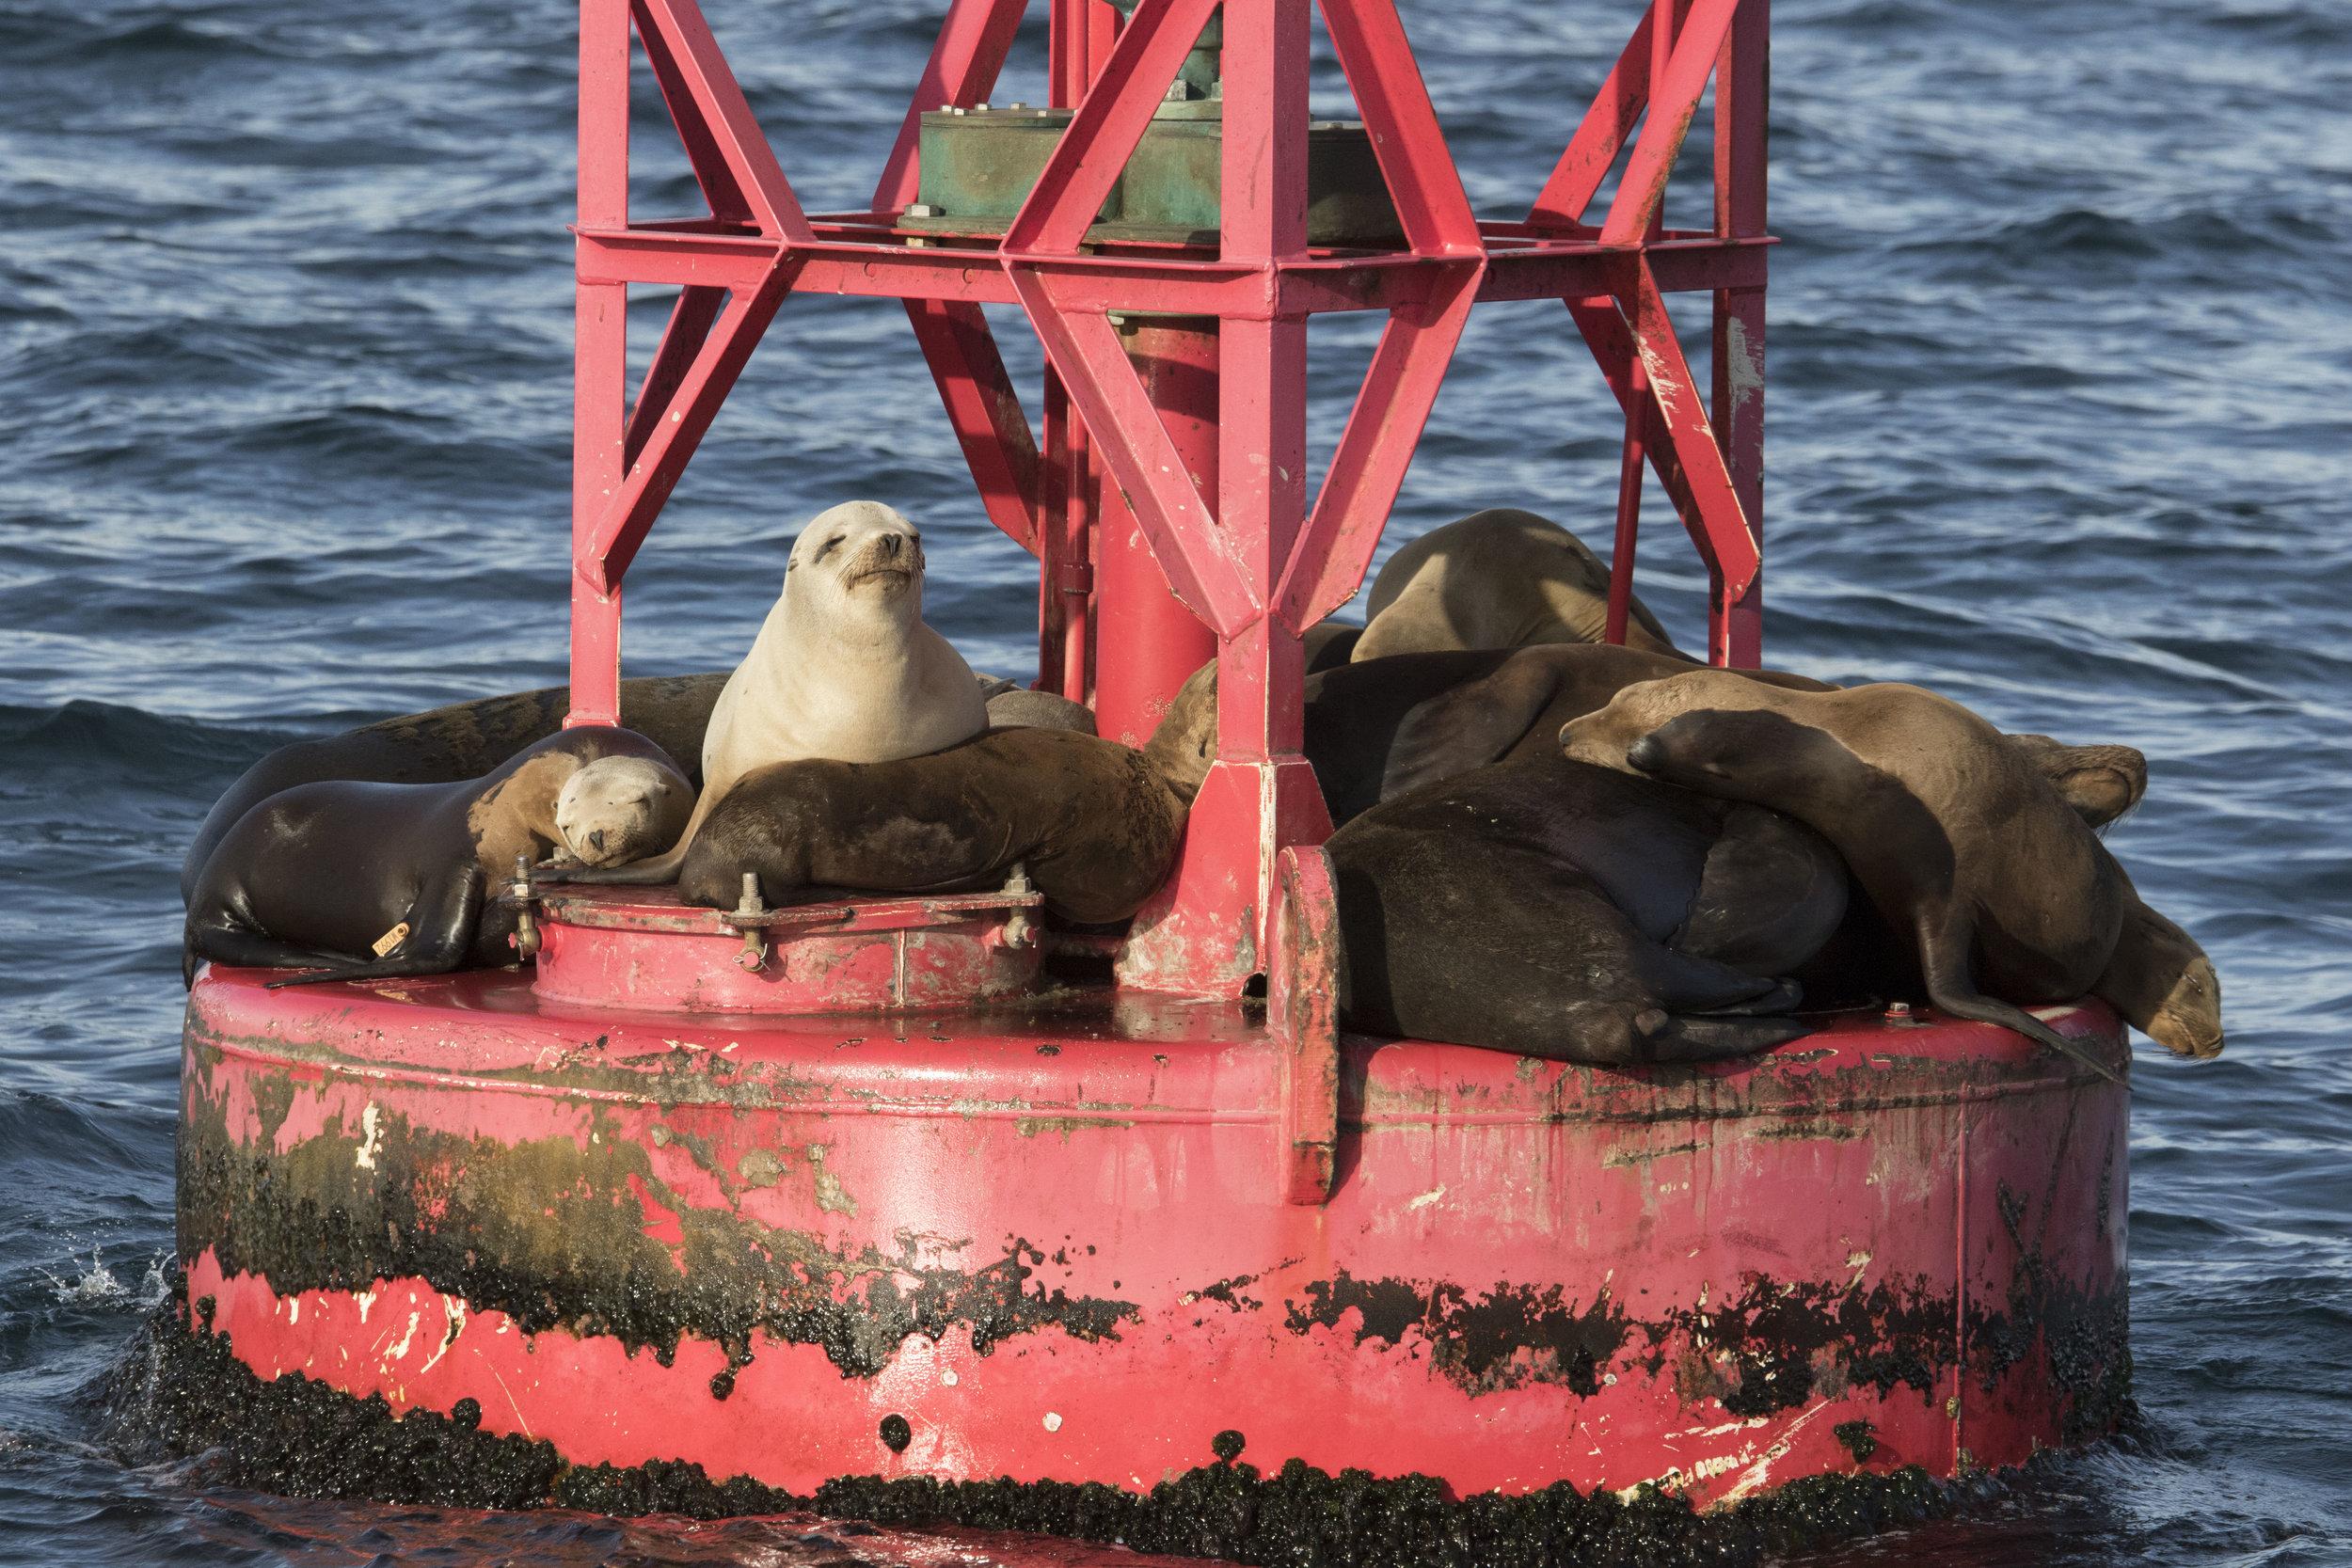 Tagged Sea Lion #W1992  01.26.19 Daba Point Red Buoy.jpg